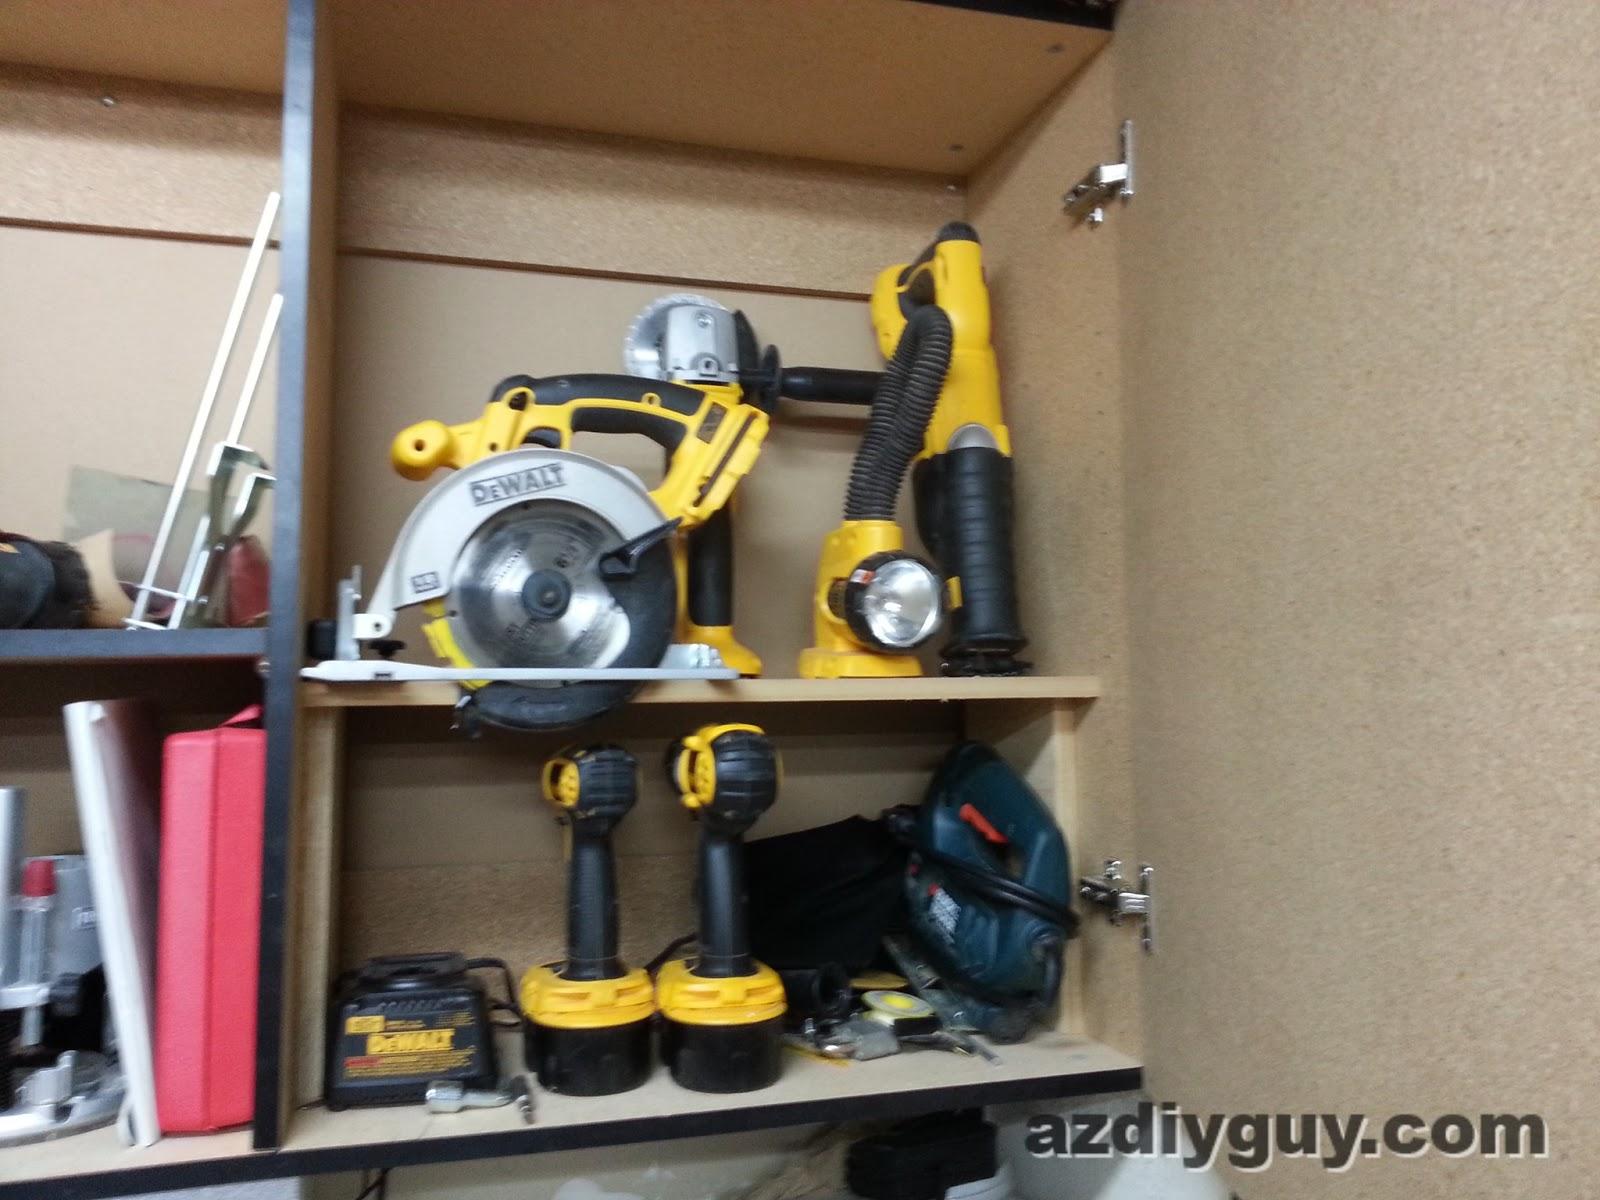 AZ DIY Guy's Projects: Power Tool Storage